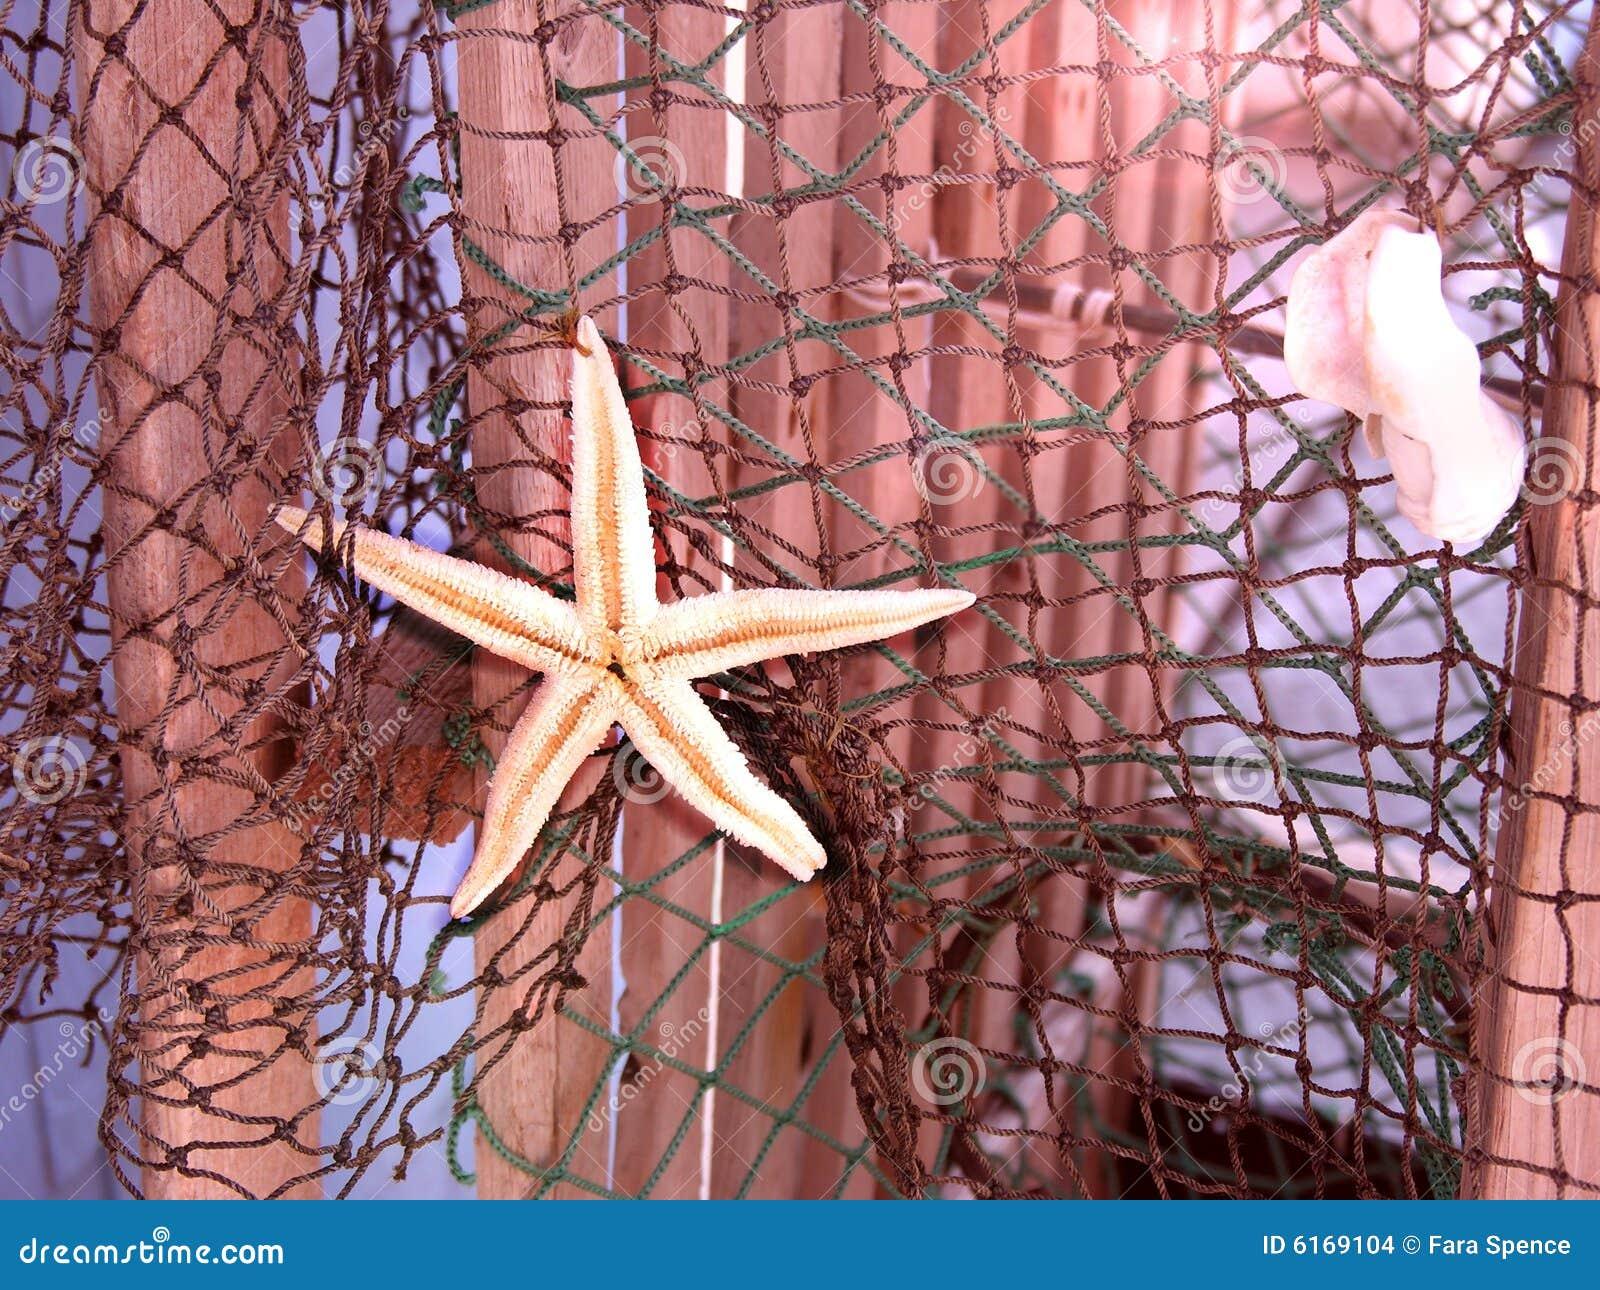 Net starfish